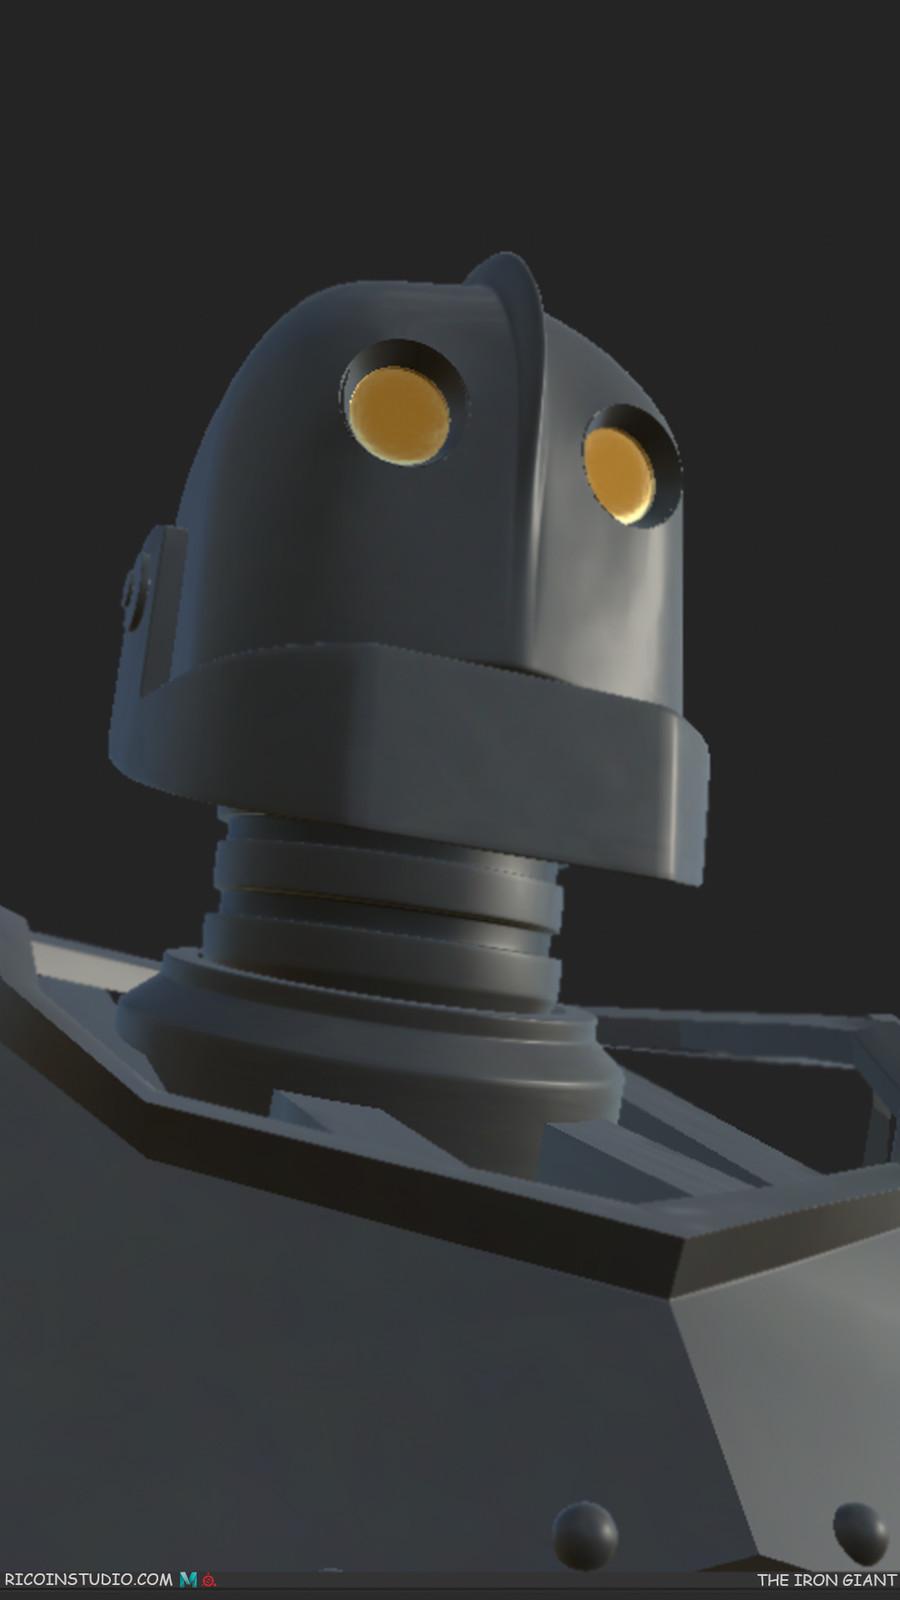 The Iron Giant - Thumbnail